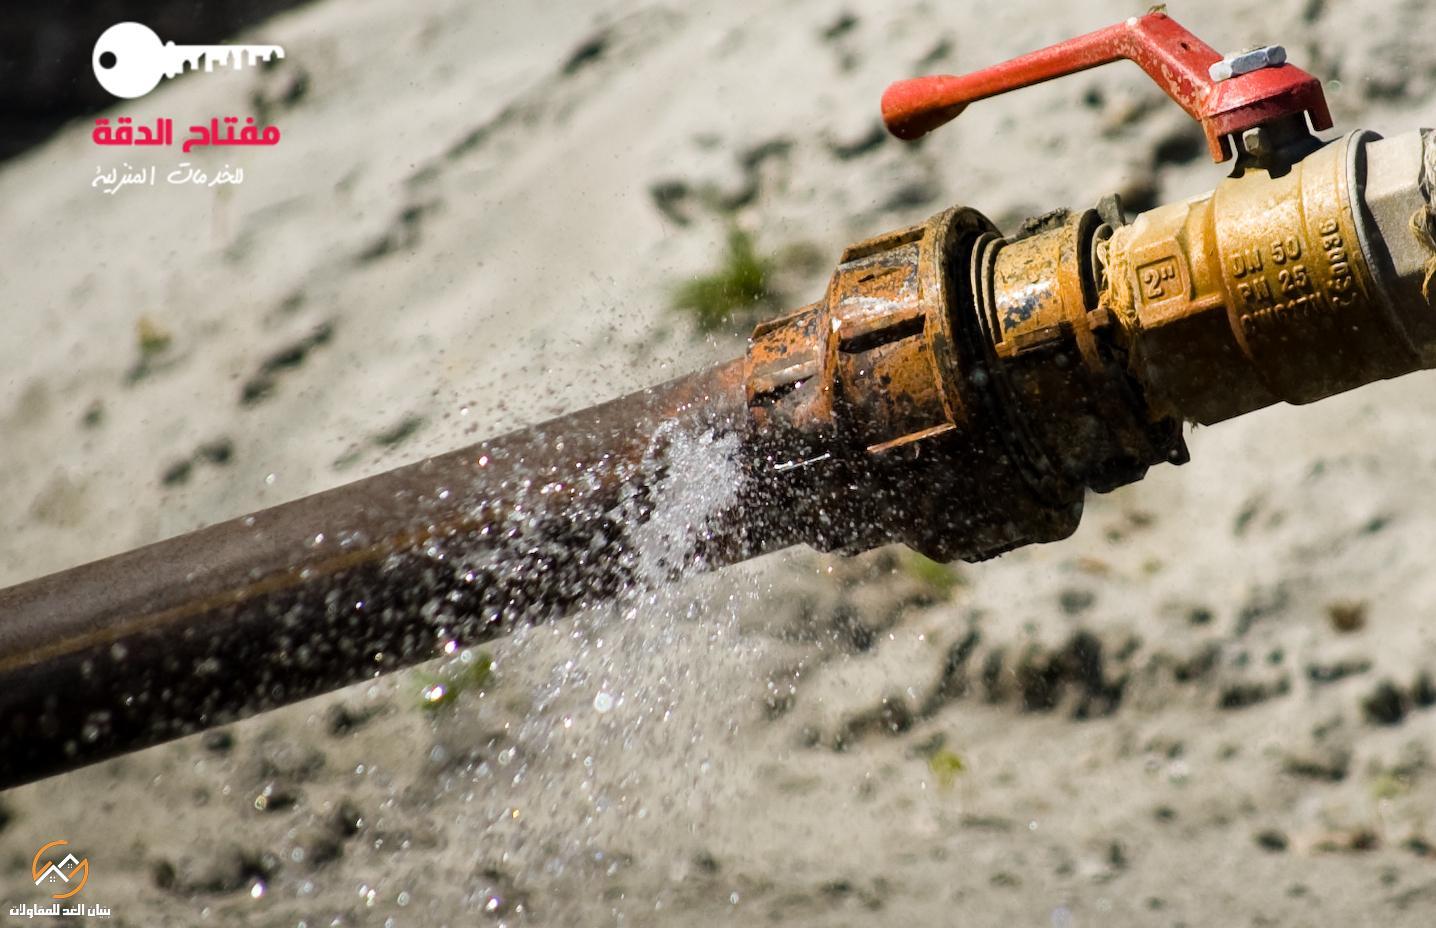 شركات كشف تسربات المياه المعتمدة | 0565680788